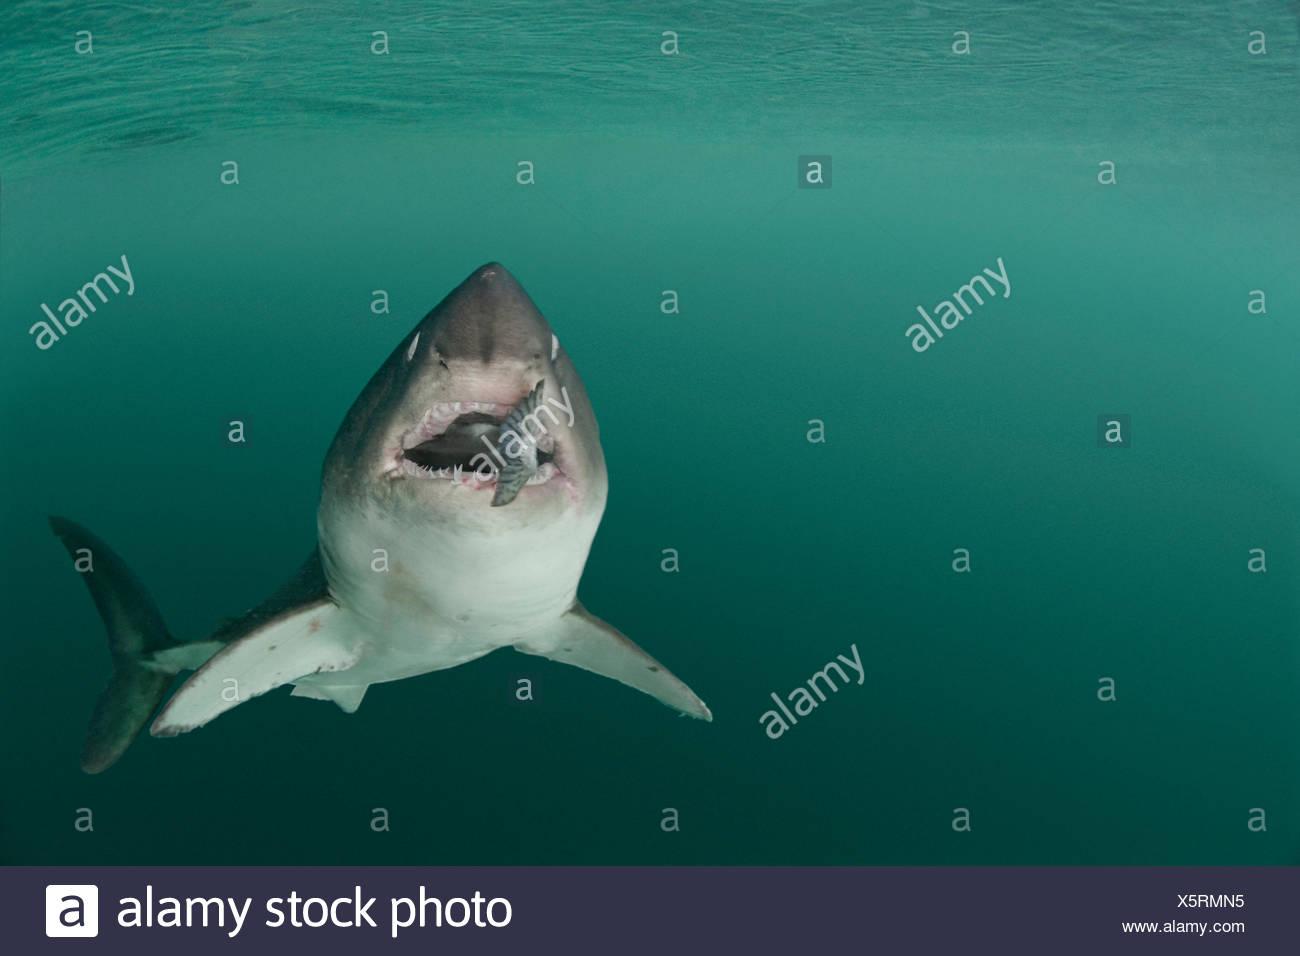 Lachs Hai {Lamna Ditropis} gefangen, mit Lachs in Mund (Augen werden ein Rollback für Schutz), Prince William Sound, Alaska, USA, (Digital verändert) Stockbild